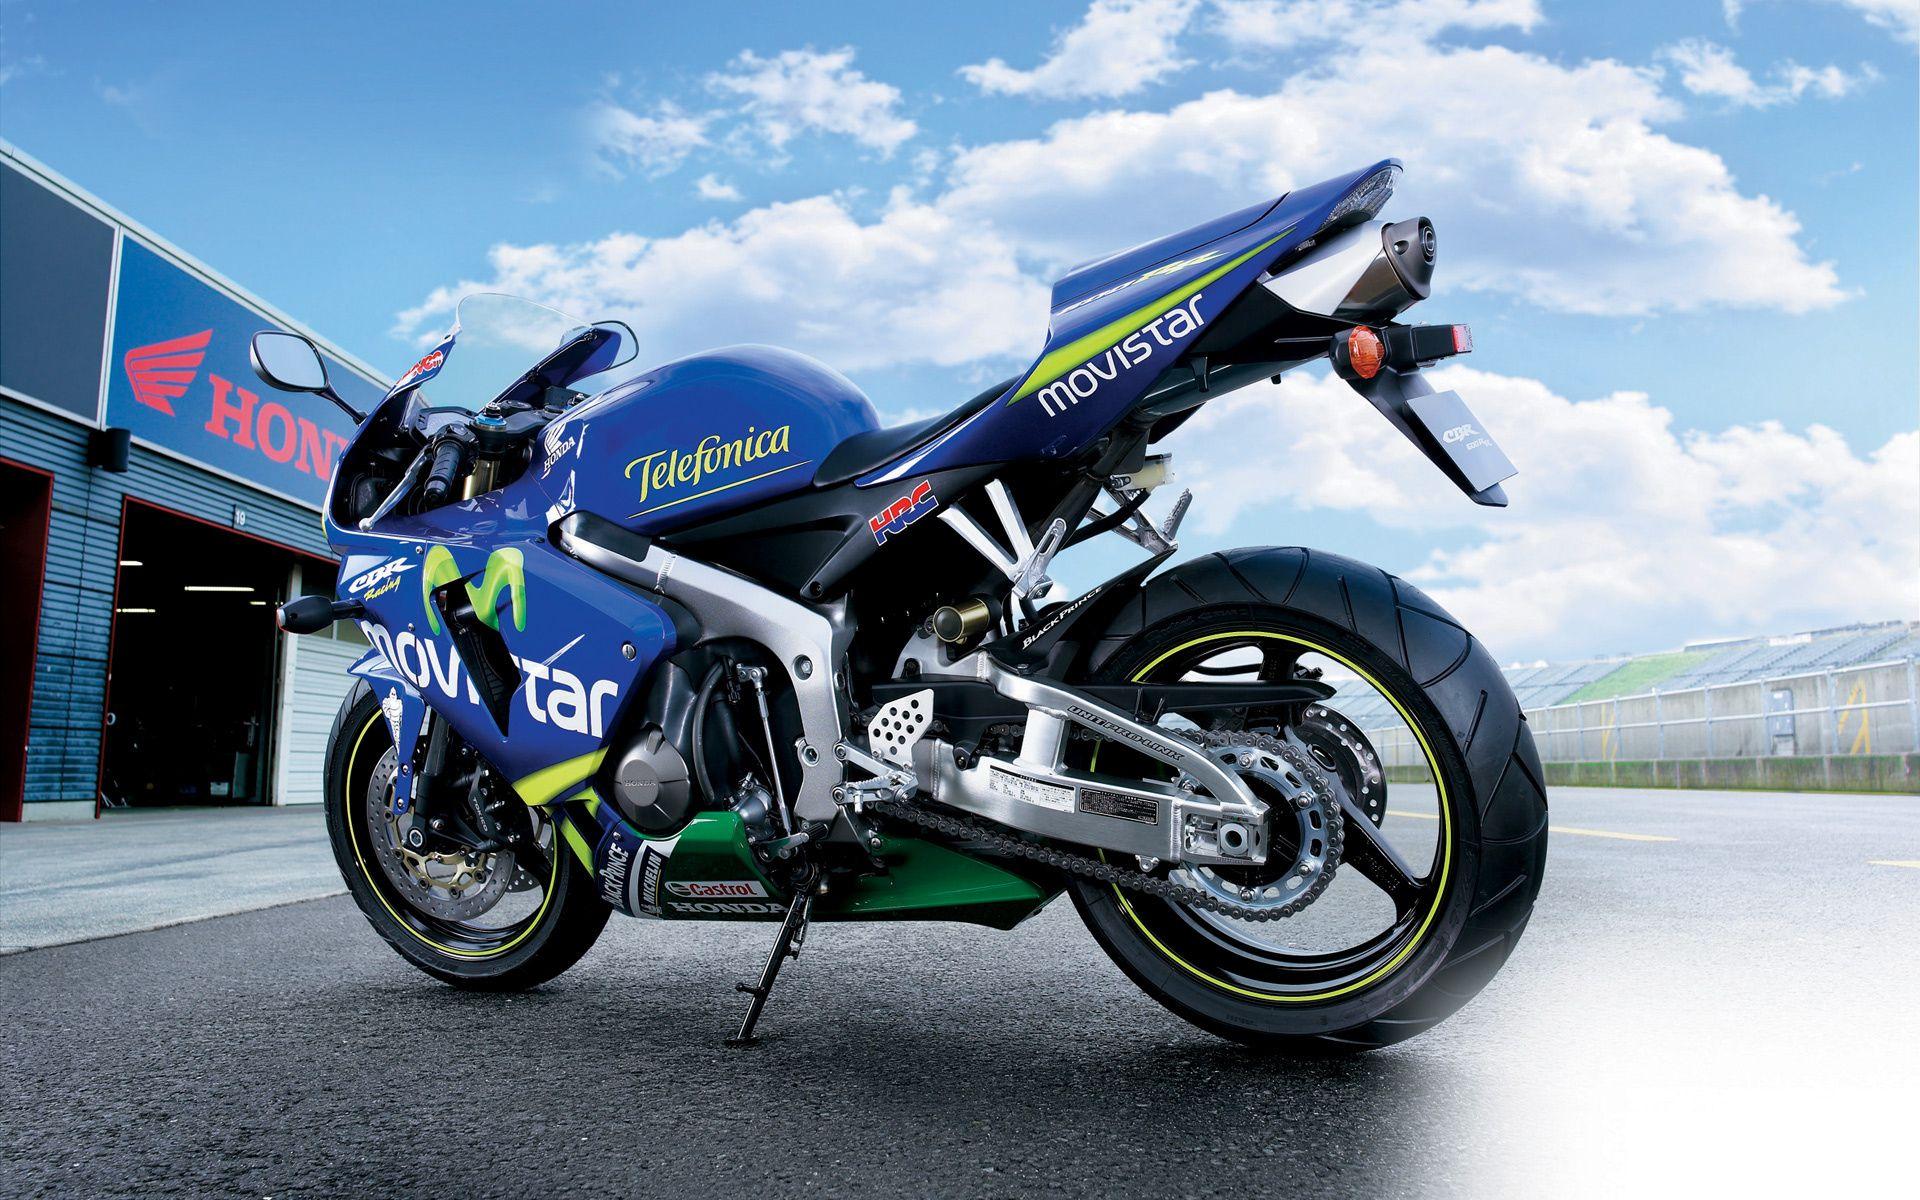 Honda cbr 2014 sports super sports bike photo - Honda Cbr 600rr Movistar Wallpaper Hd Http Imashon Com W